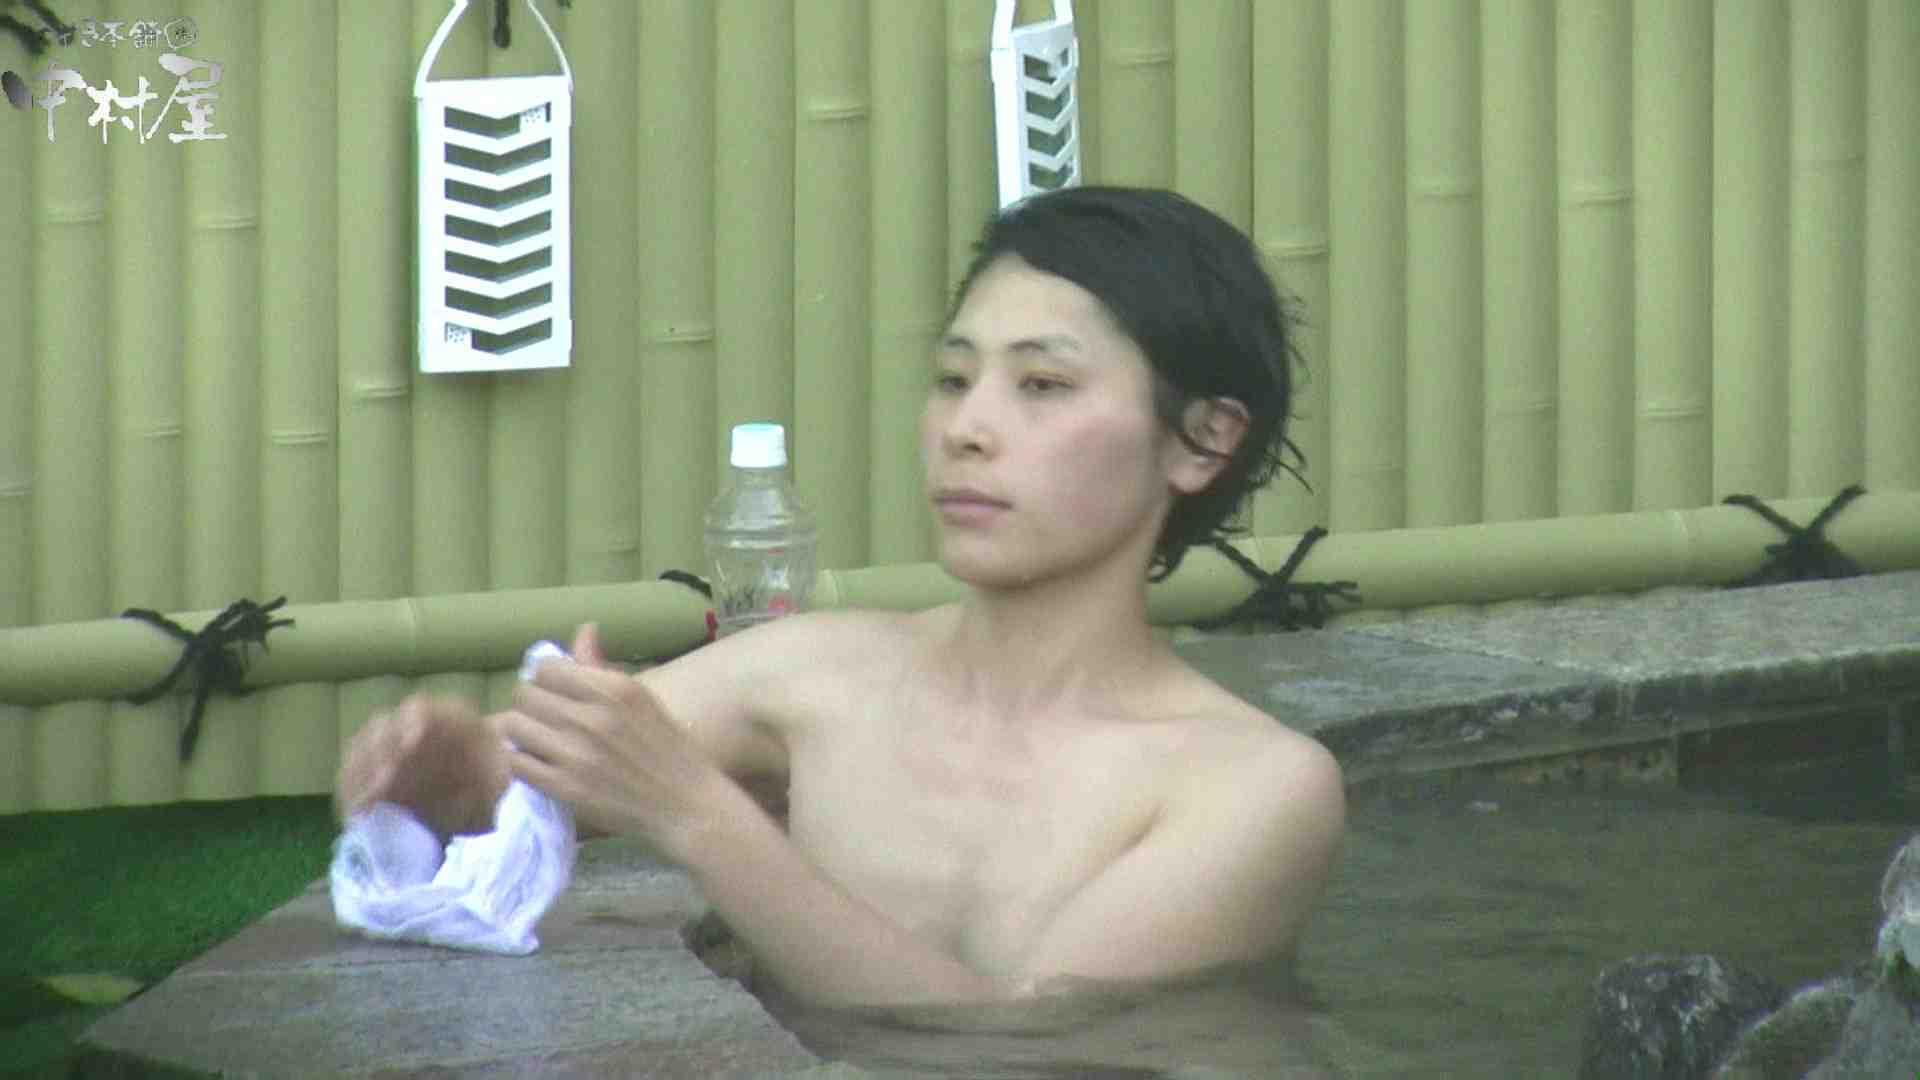 Aquaな露天風呂Vol.970 0   0  75枚